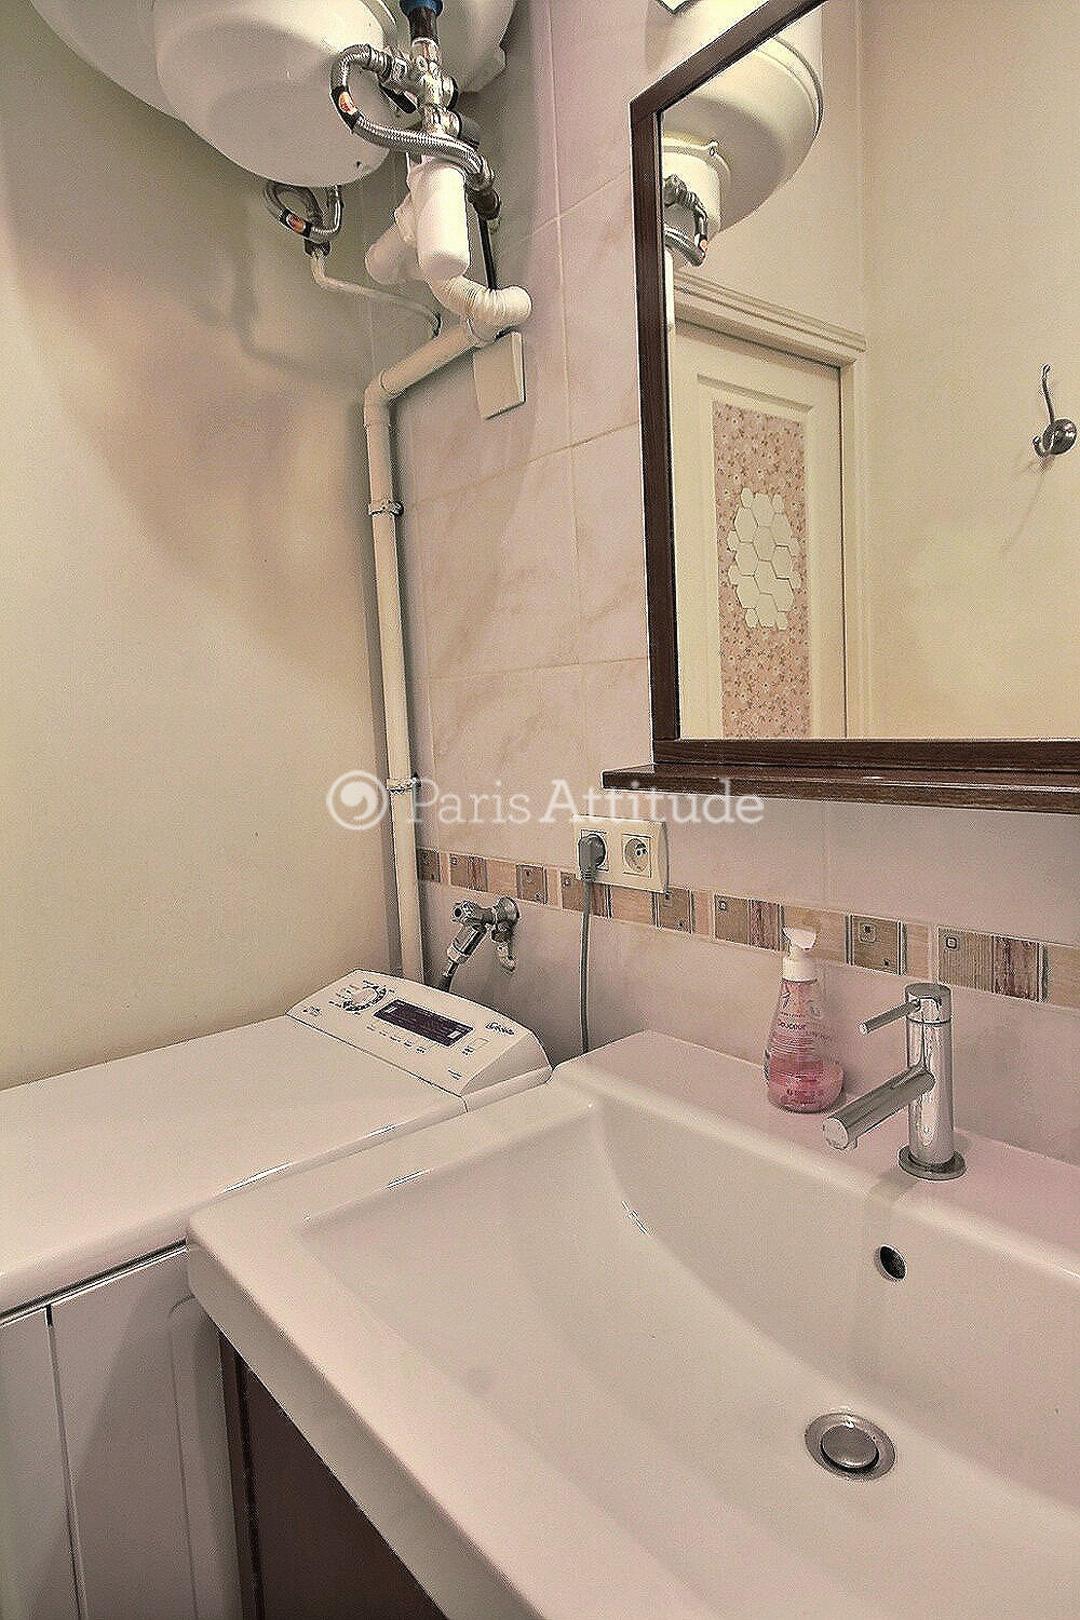 Louer un Appartement à Paris 75011 - 18m² Republique - ref 7575